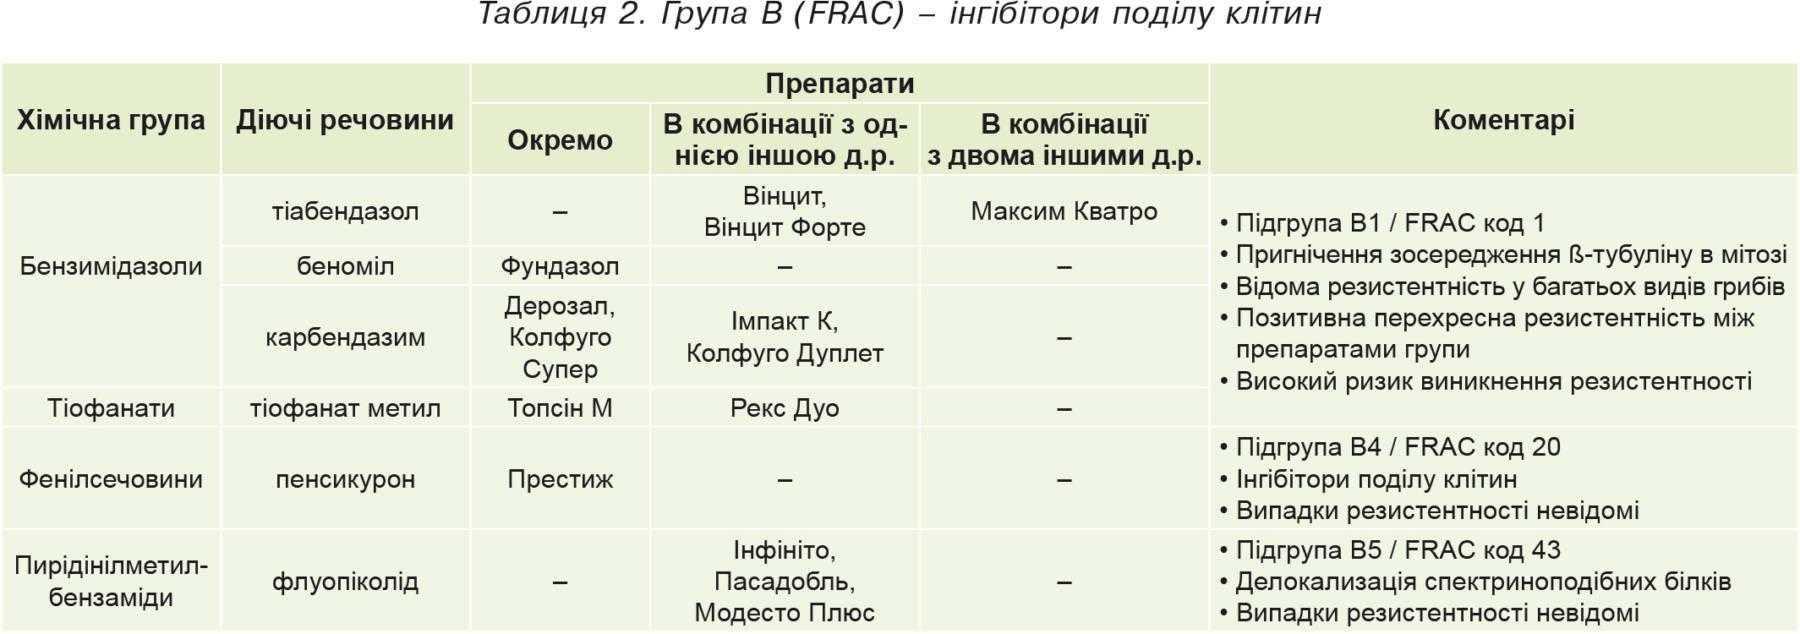 Таблиця2. Група В (FRAC)– інгібітори поділу клітин